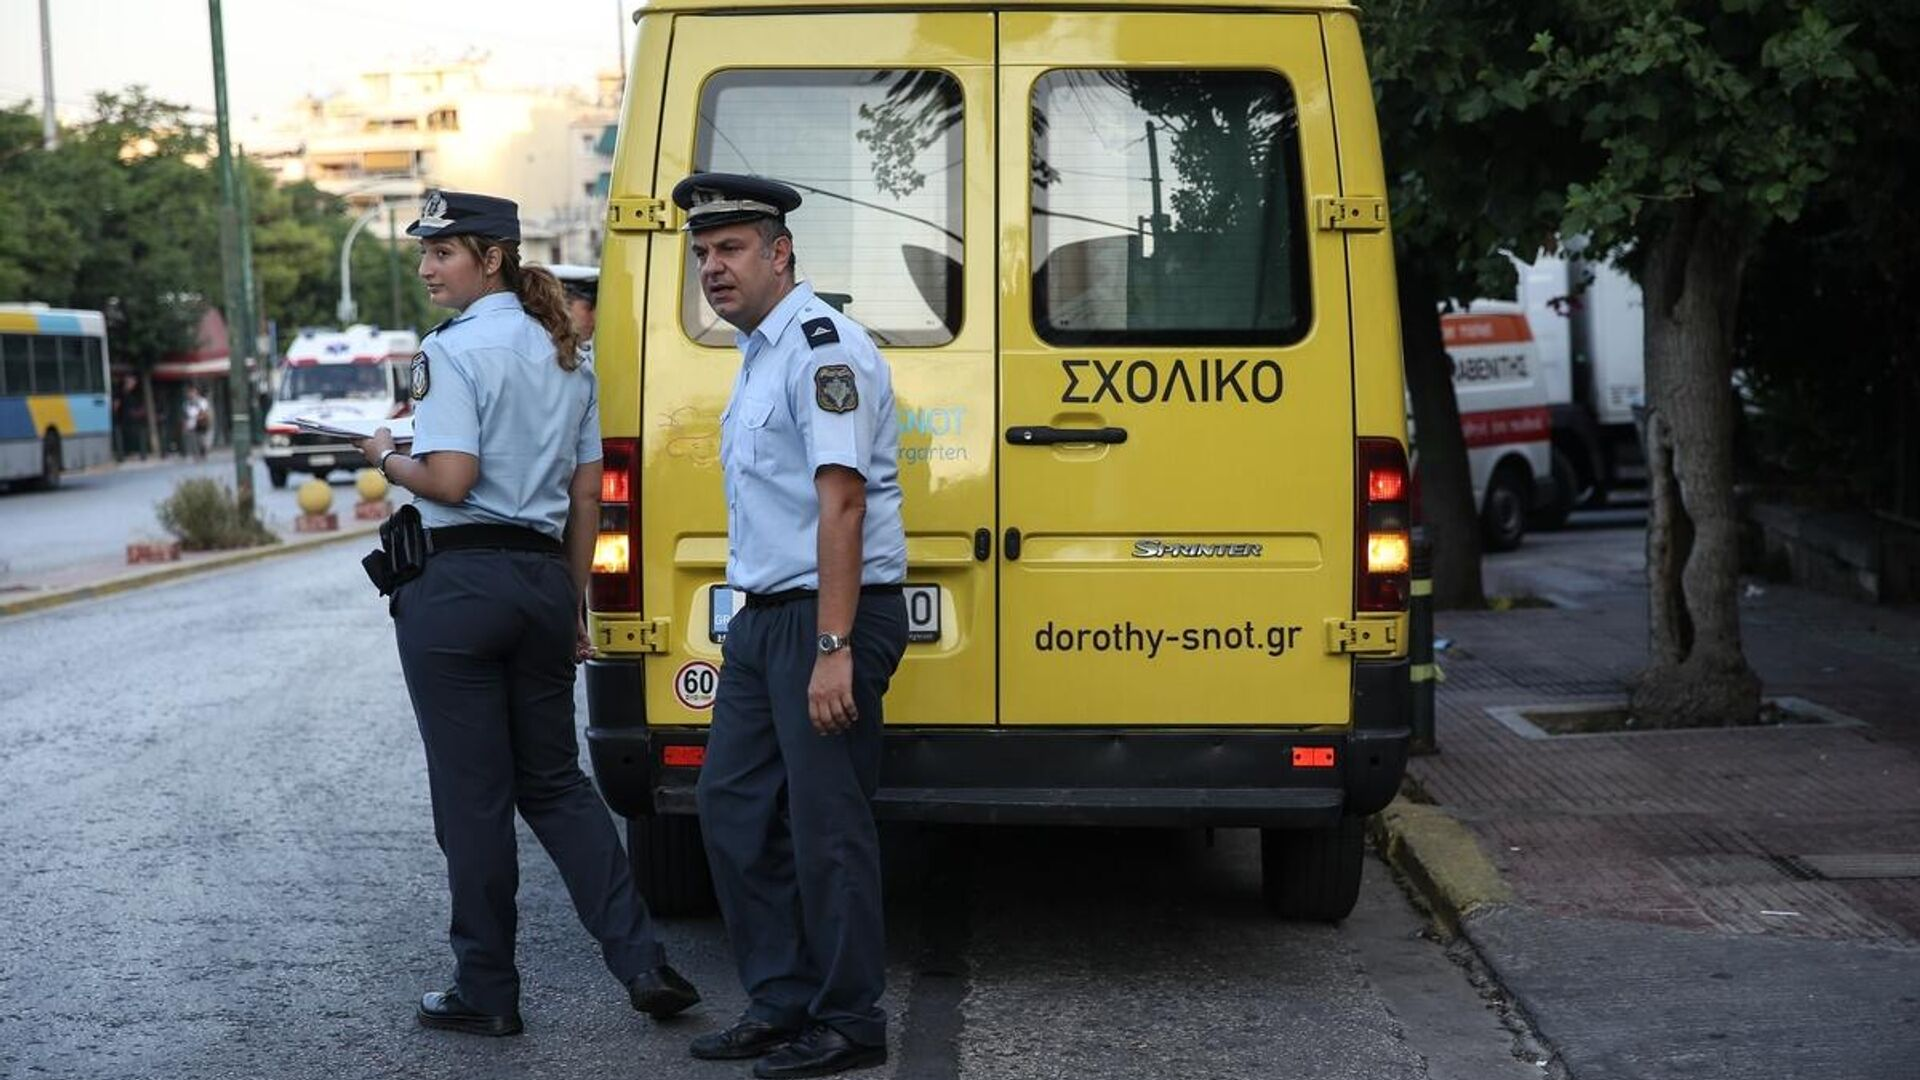 Έλεγχοι ασφαλείας της τροχαίας σε σχολικά λεωφορεία για την πρώτη μέρα στο σχολείο - Sputnik Ελλάδα, 1920, 22.09.2021